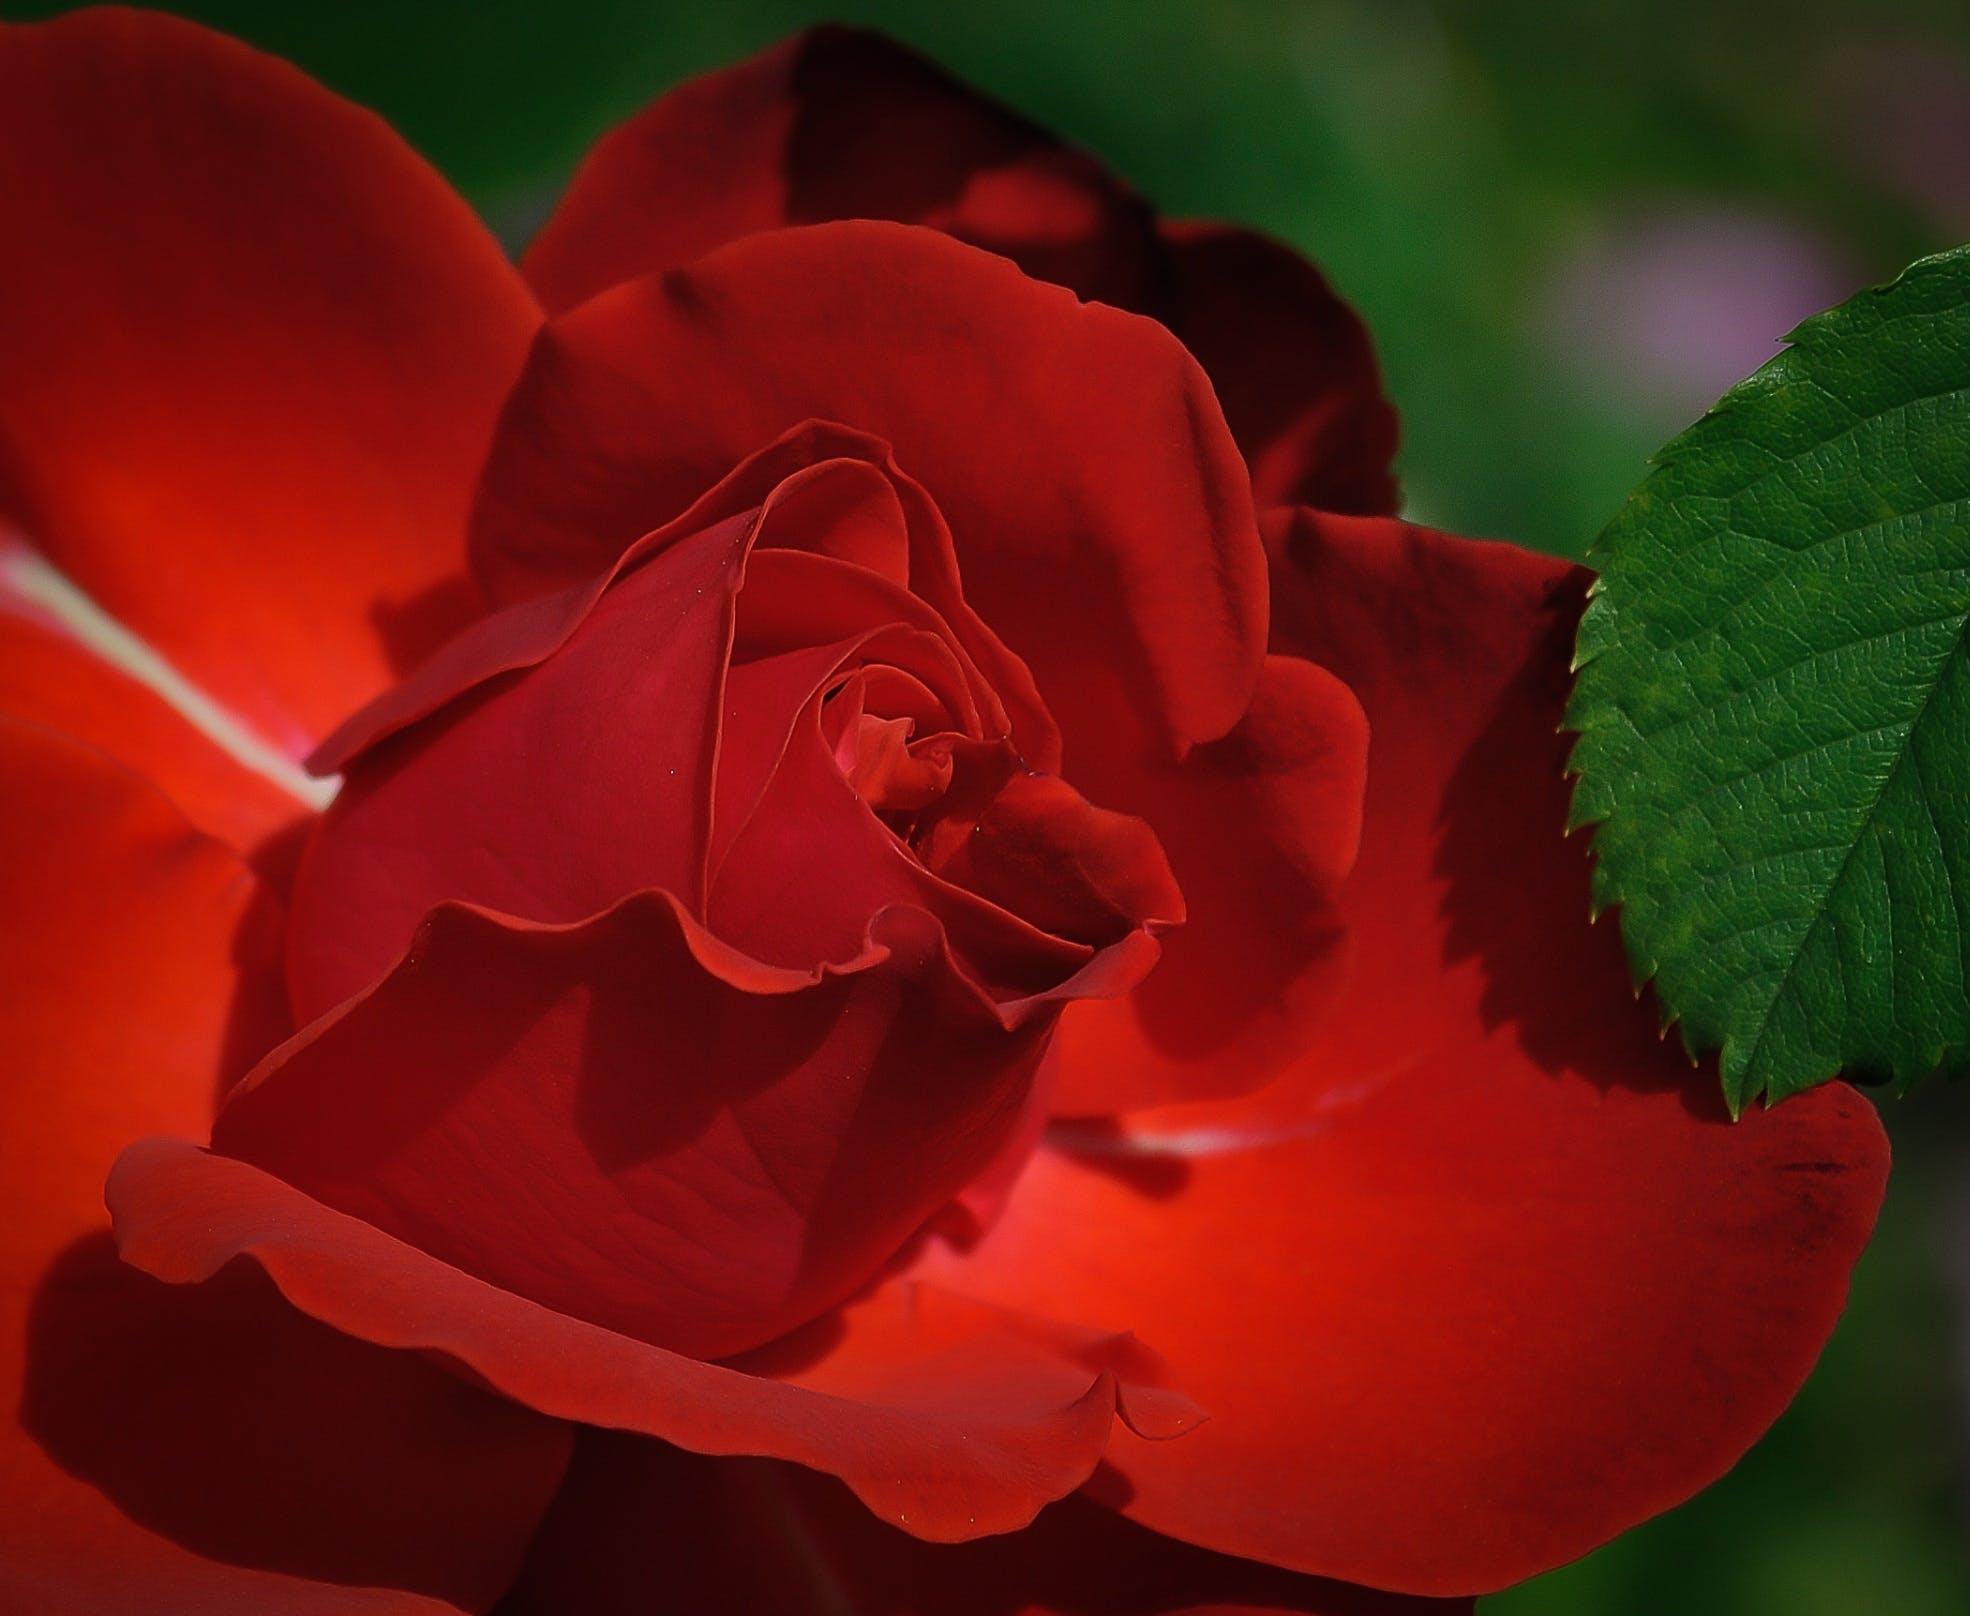 Red Rose Beside Green Leaf